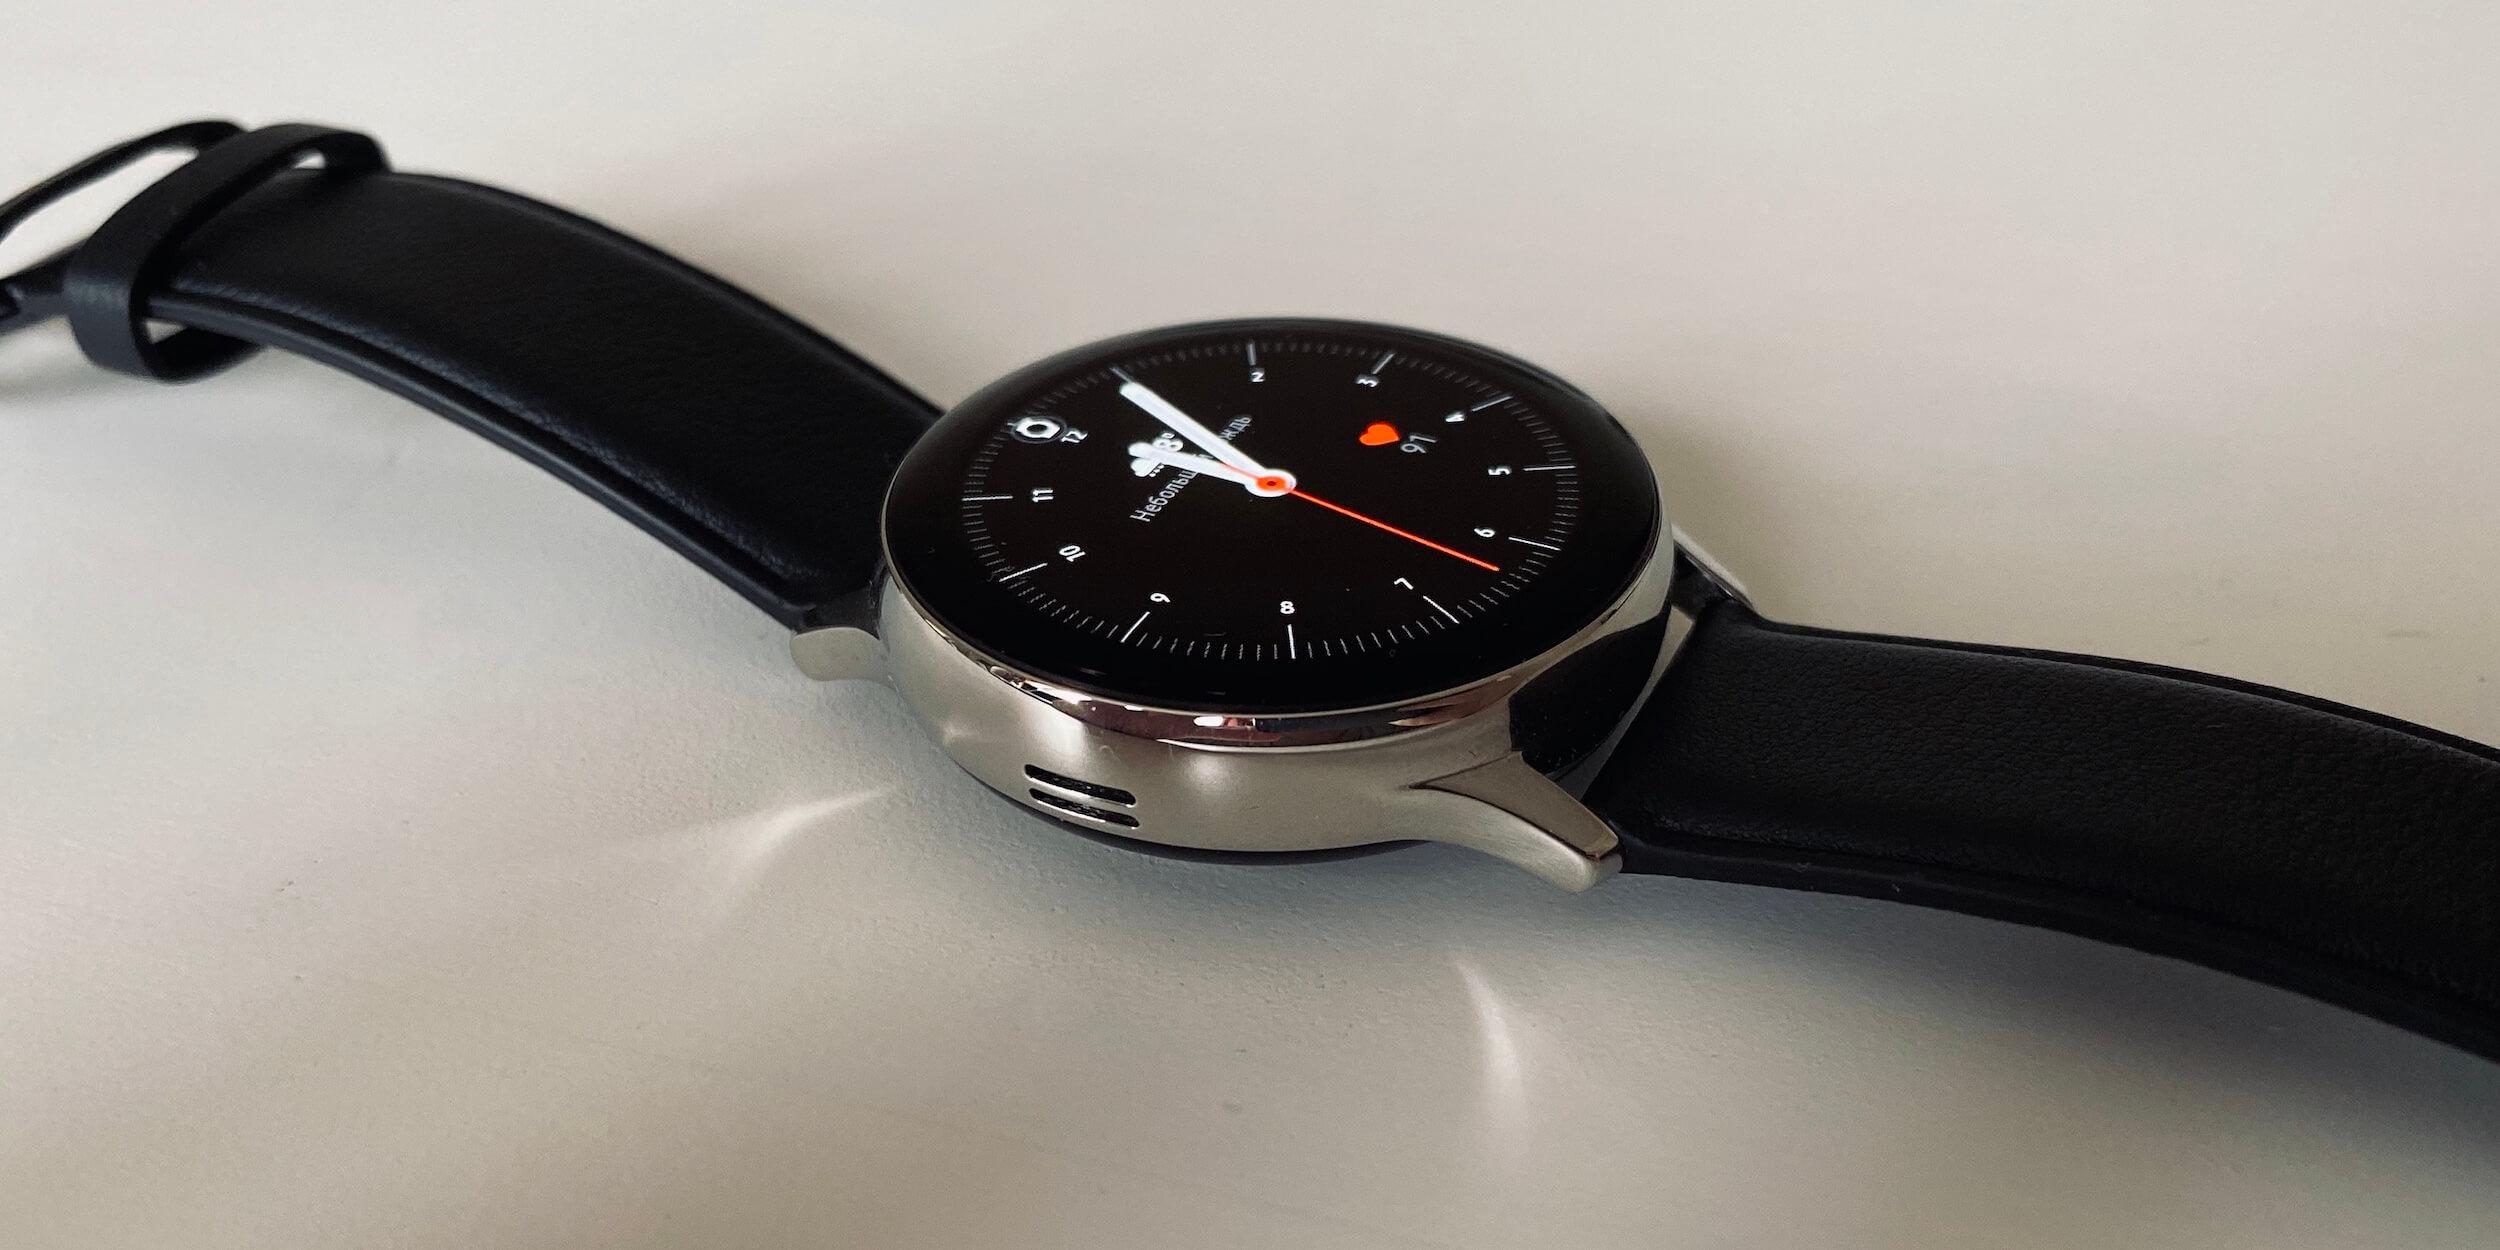 Samsung Galaxy Watch Active 2: Стальная версия